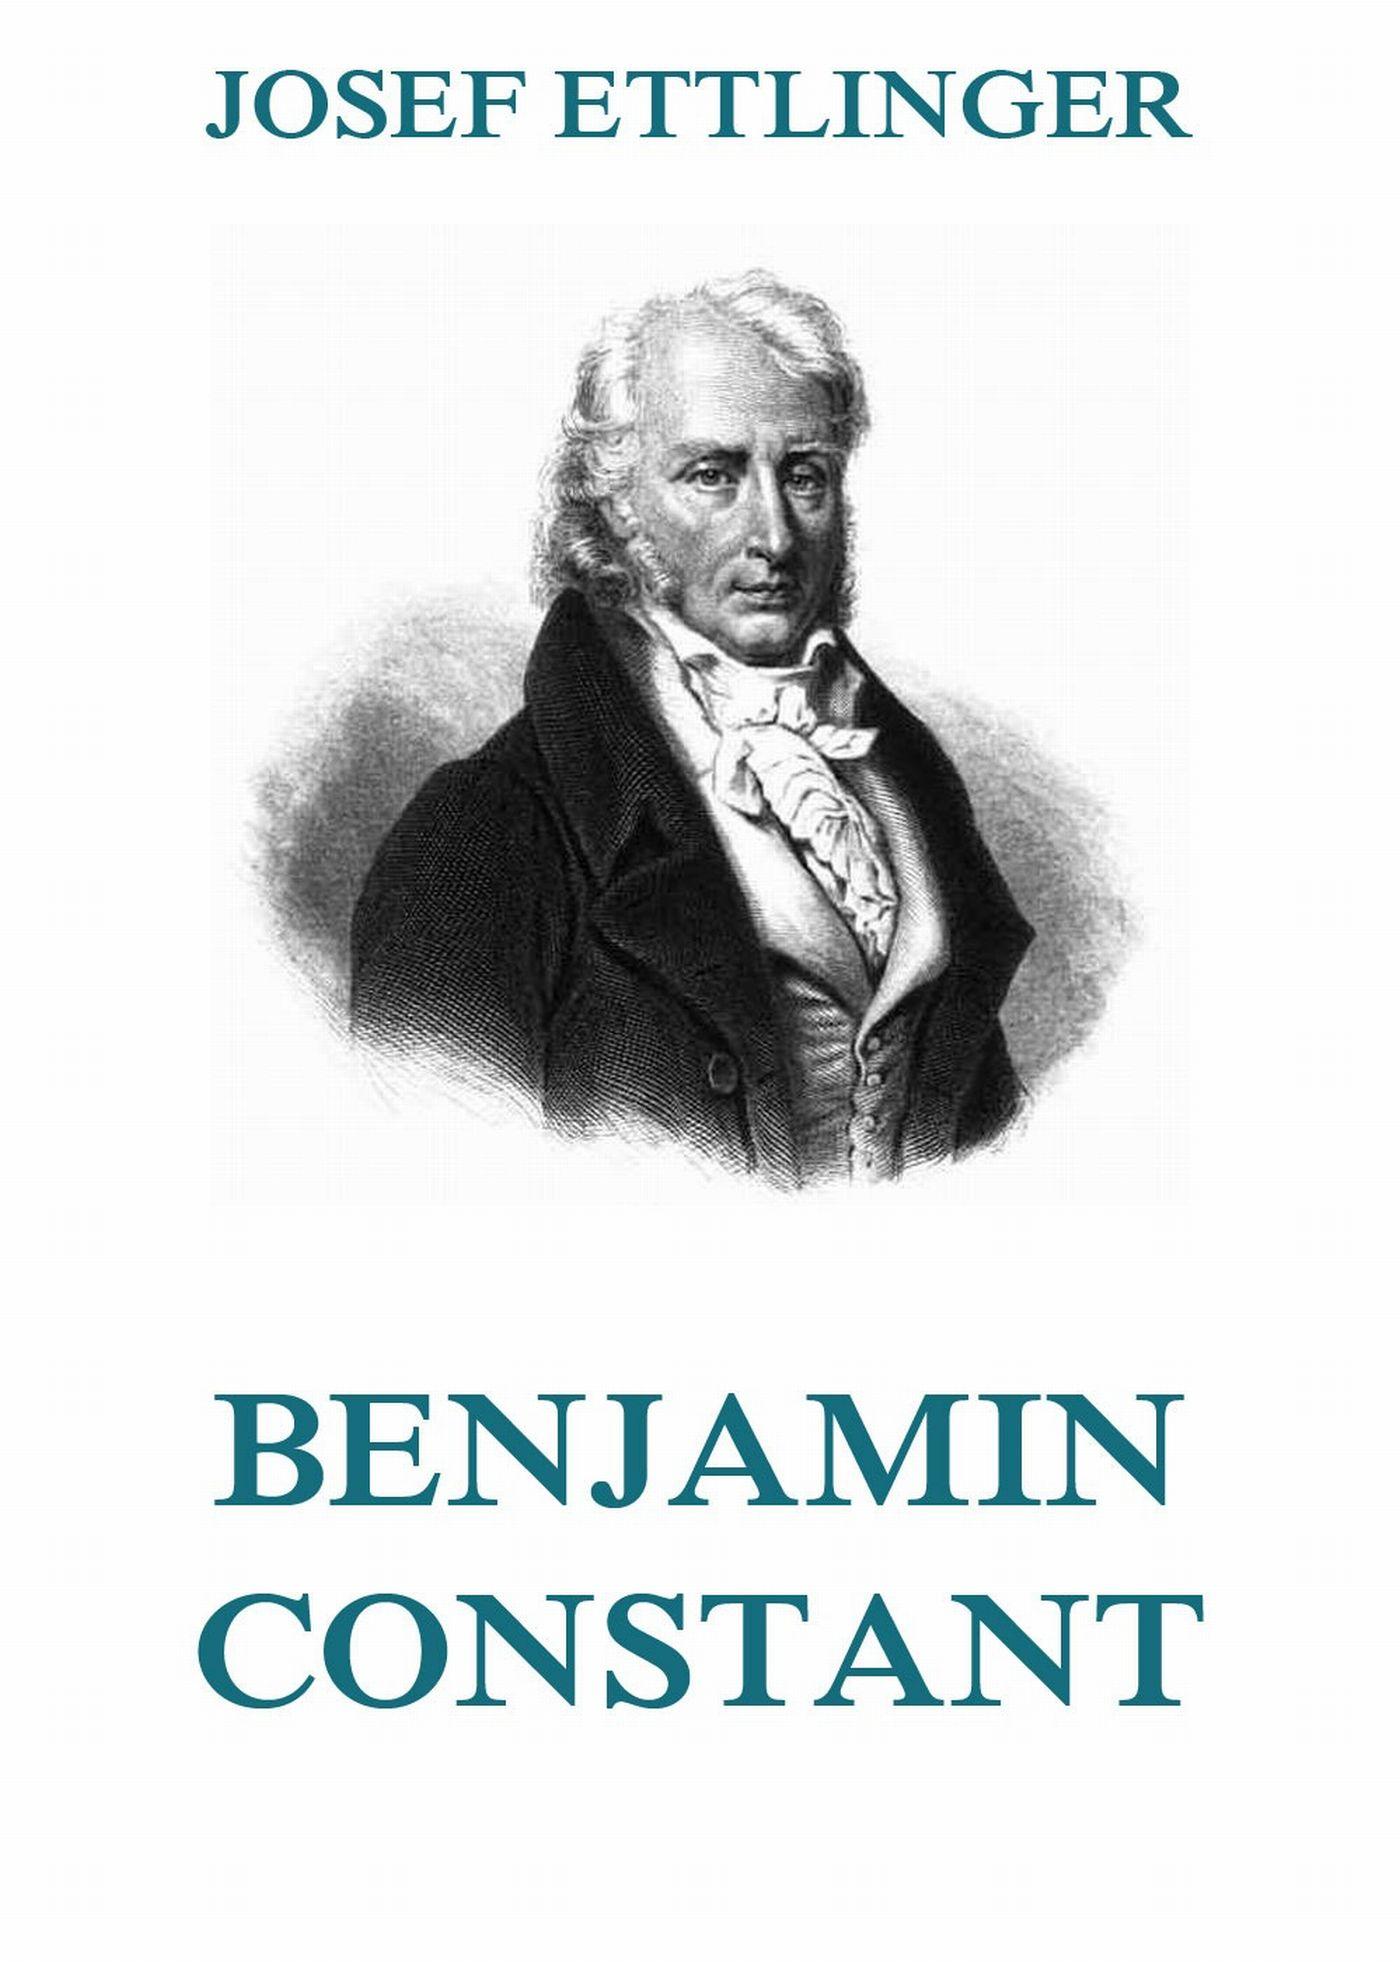 Josef Ettlinger Benjamin Constant